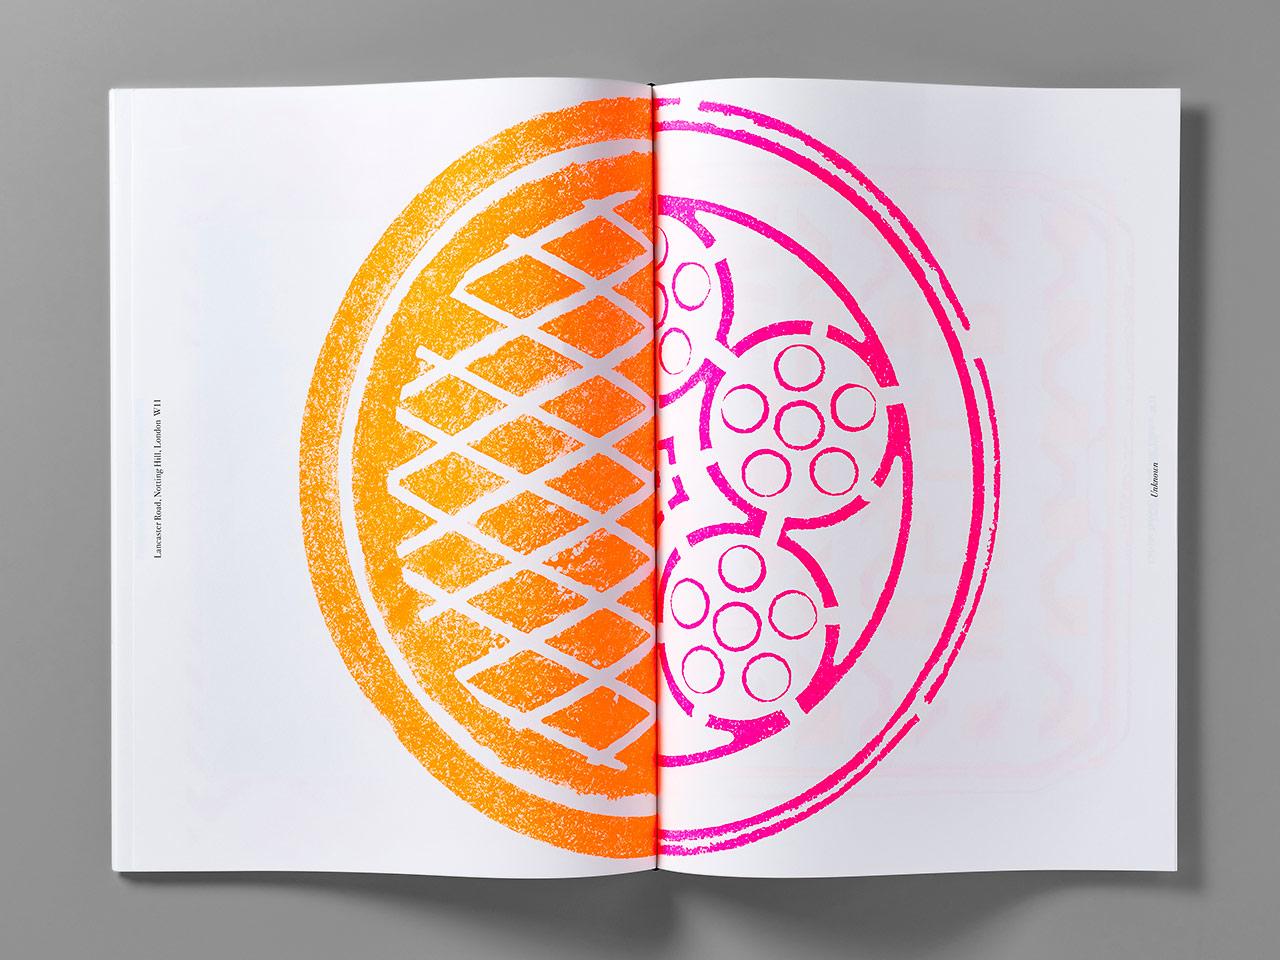 Pentagram_Overlooked-PP-book_20